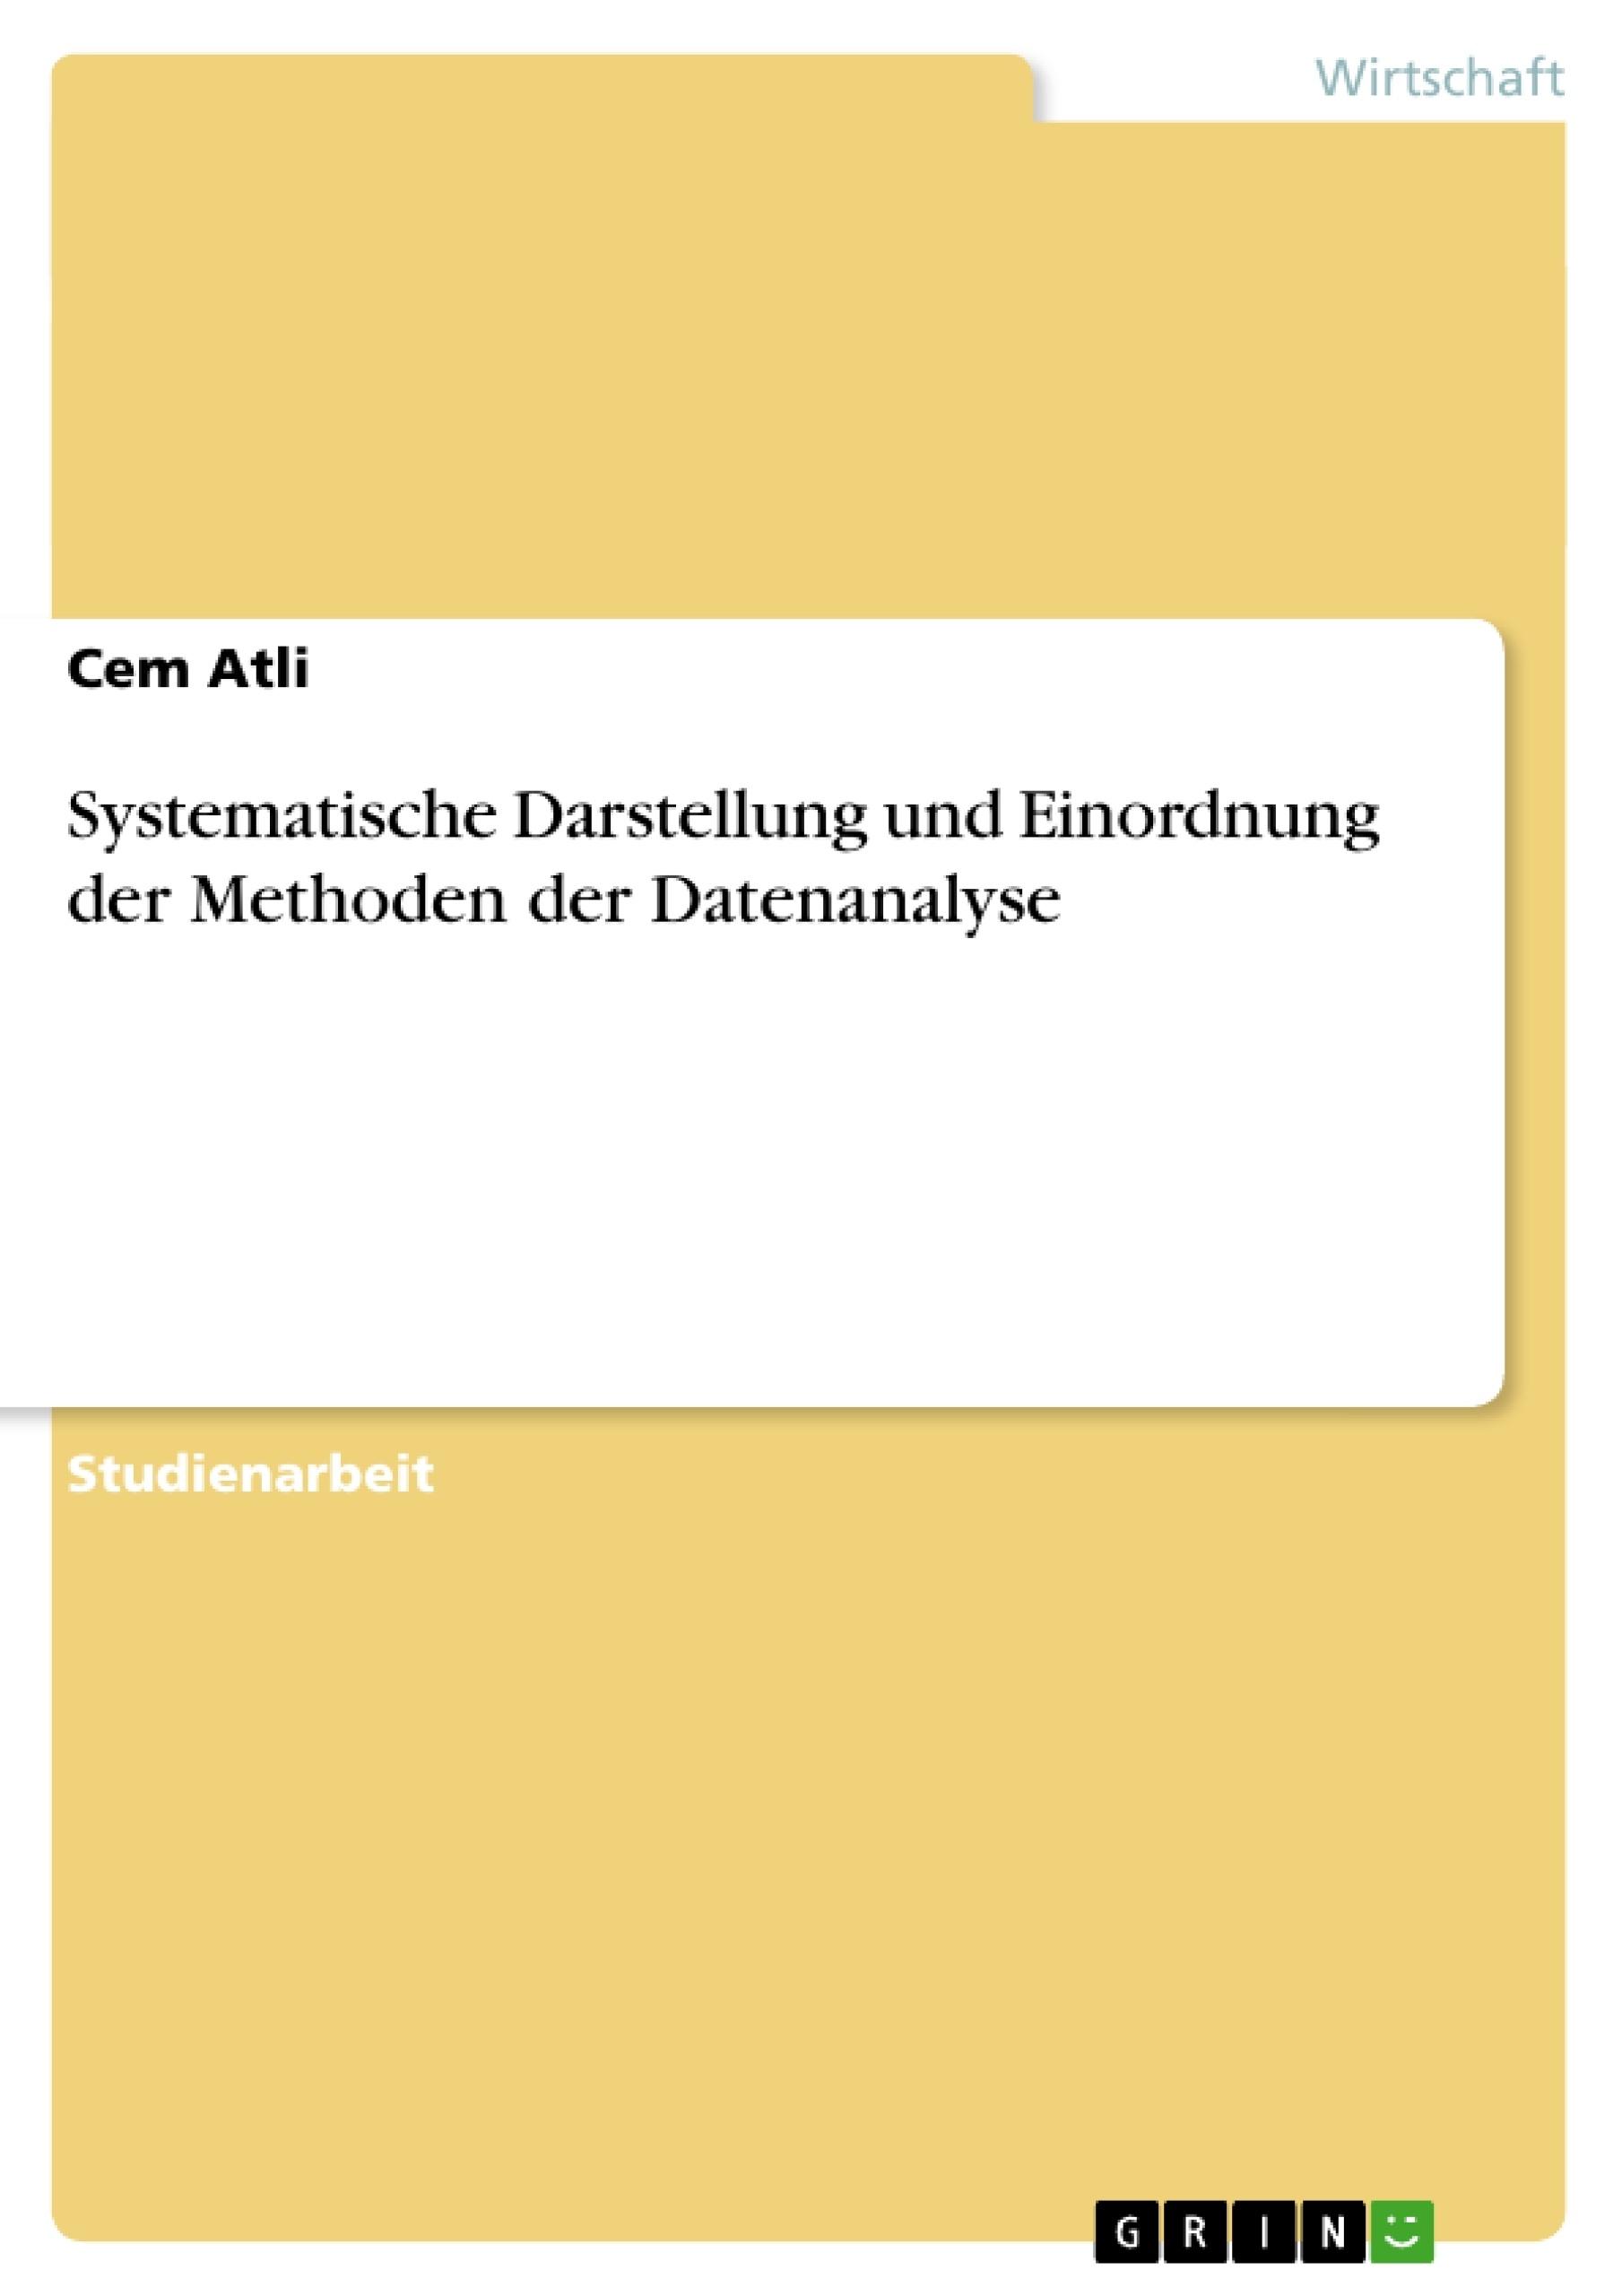 Titel: Systematische Darstellung und Einordnung der Methoden der Datenanalyse